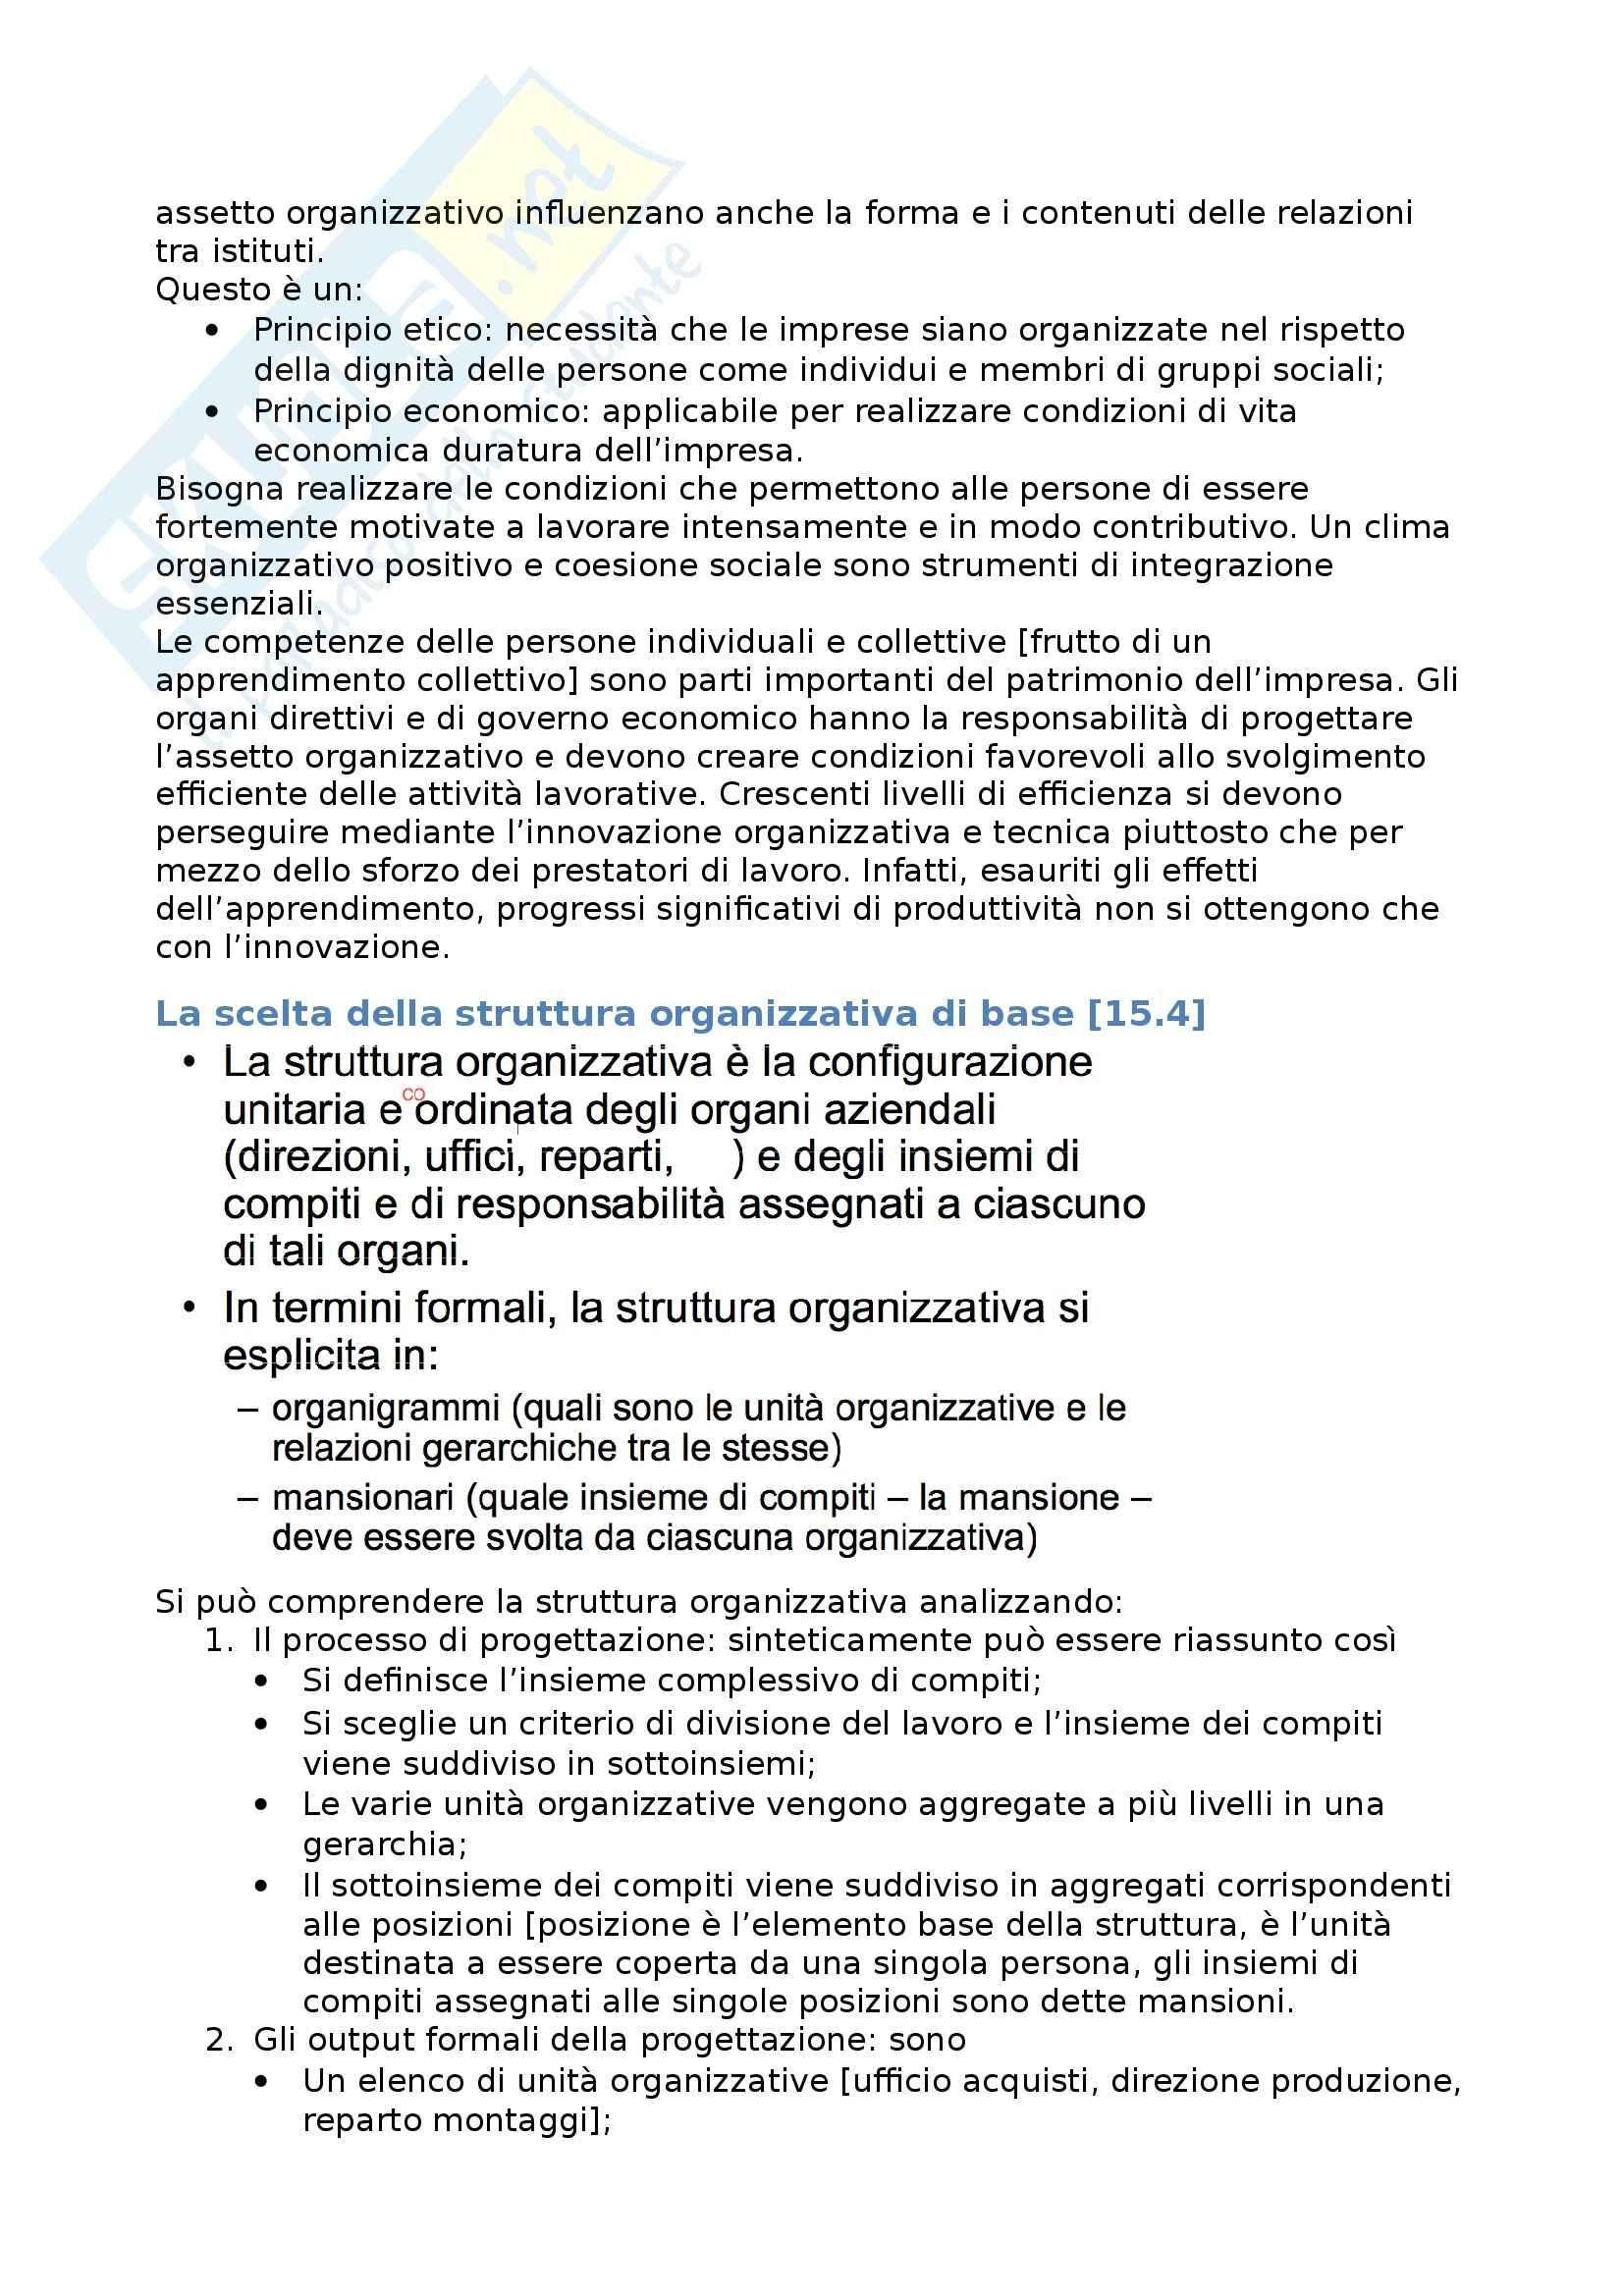 Riassunto esame Economia aziendale, prof. Roca, libro consigliato Assetto organizzativo, Airoldi, Brunetti, Coda Pag. 6